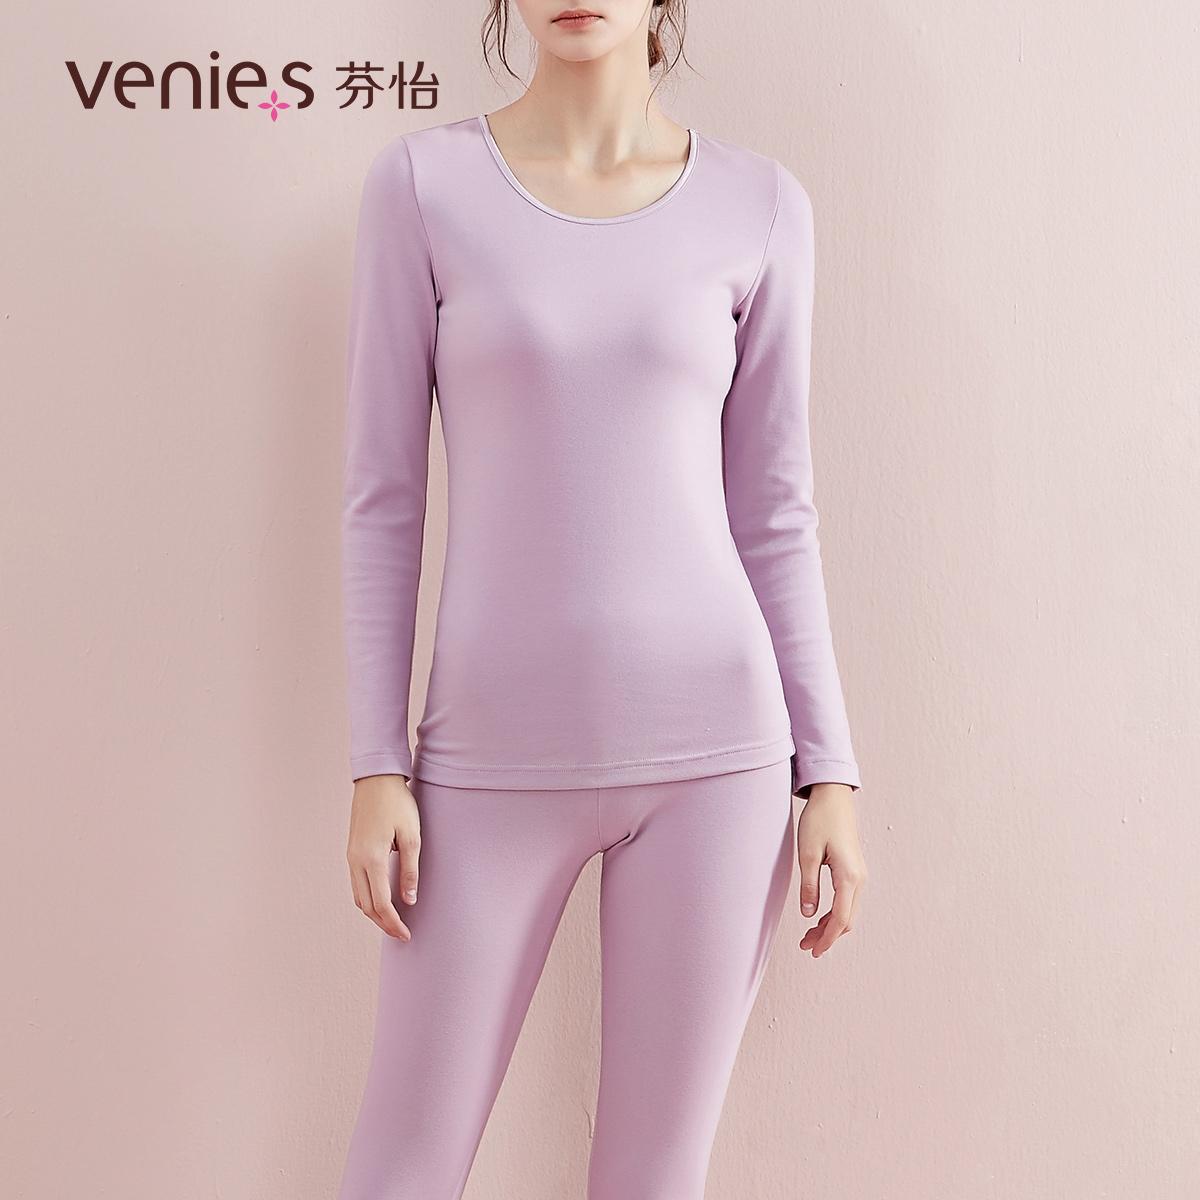 芬怡 双面棉中厚修身保暖女式内衣套装 天猫优惠券折后¥69包邮(¥199-130)多色可选